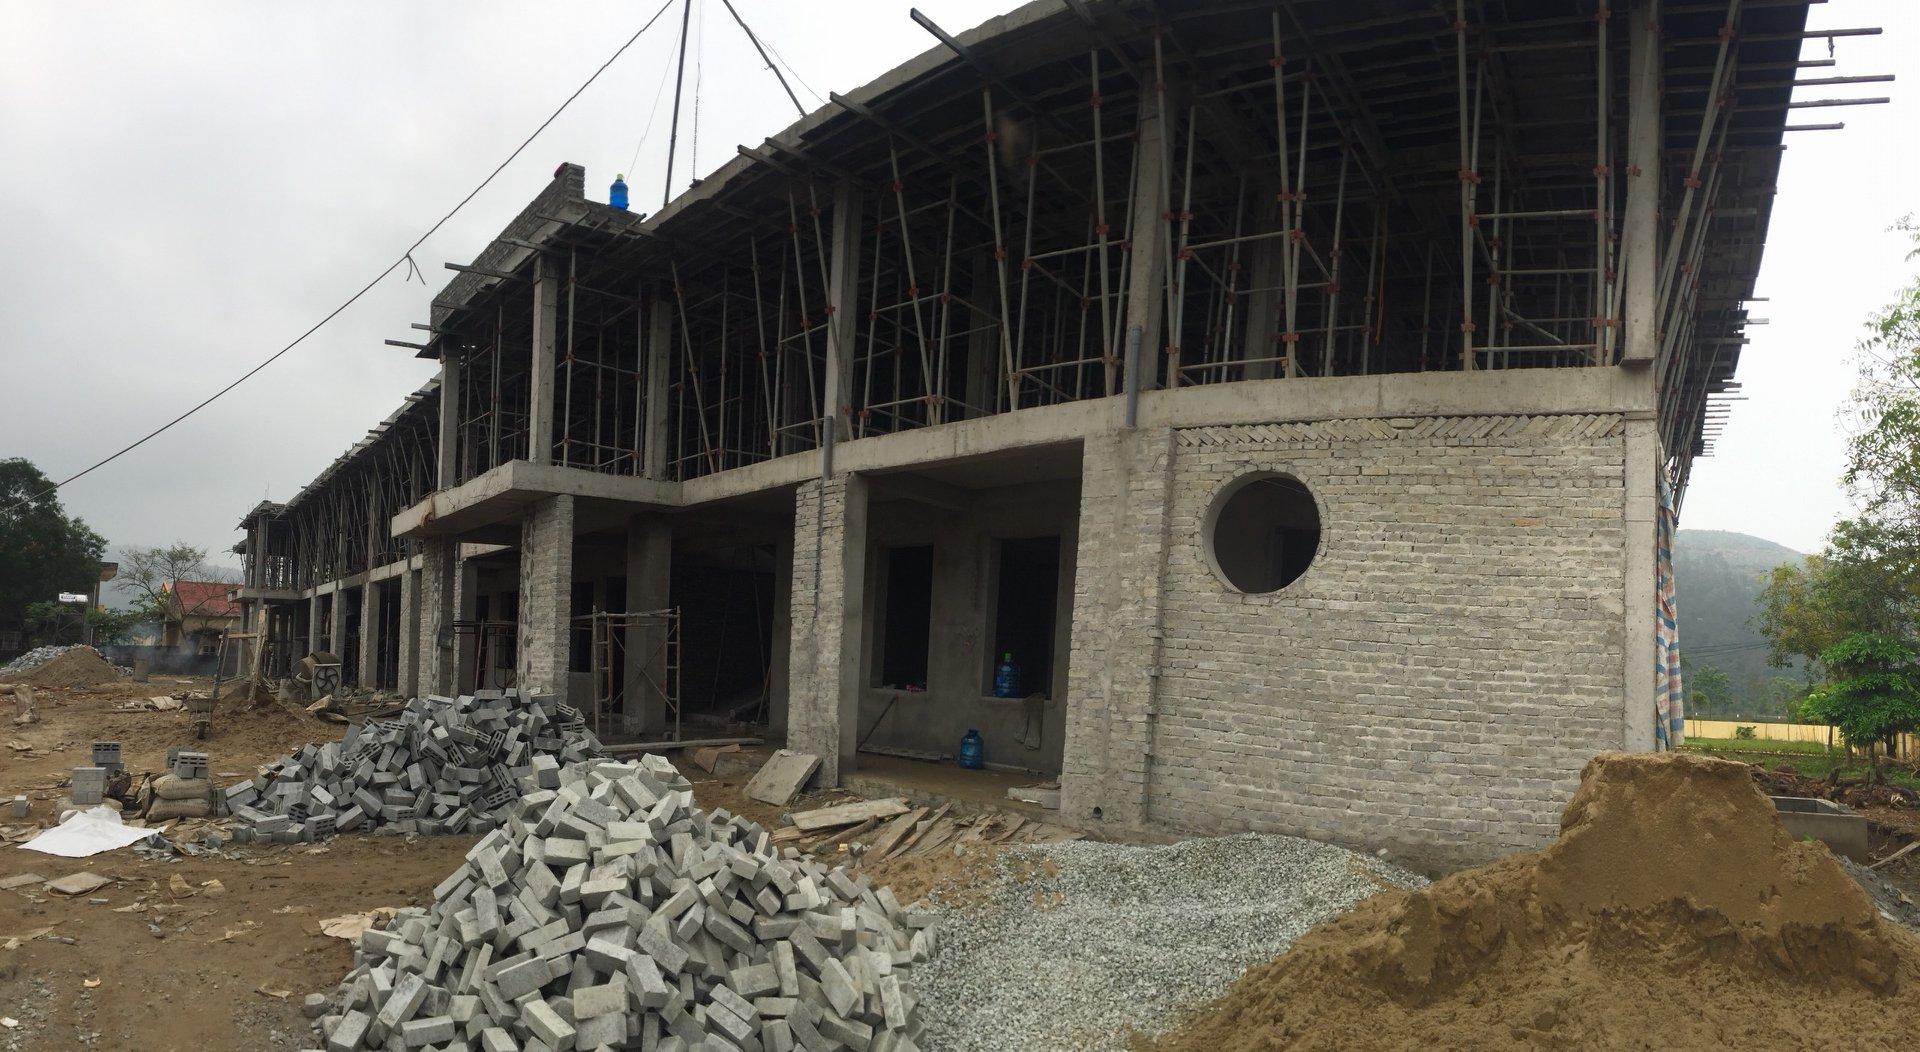 Nhà học 2 tầng 8 phòng và các hạng mục phụ trợ trường mầm non Xuân An